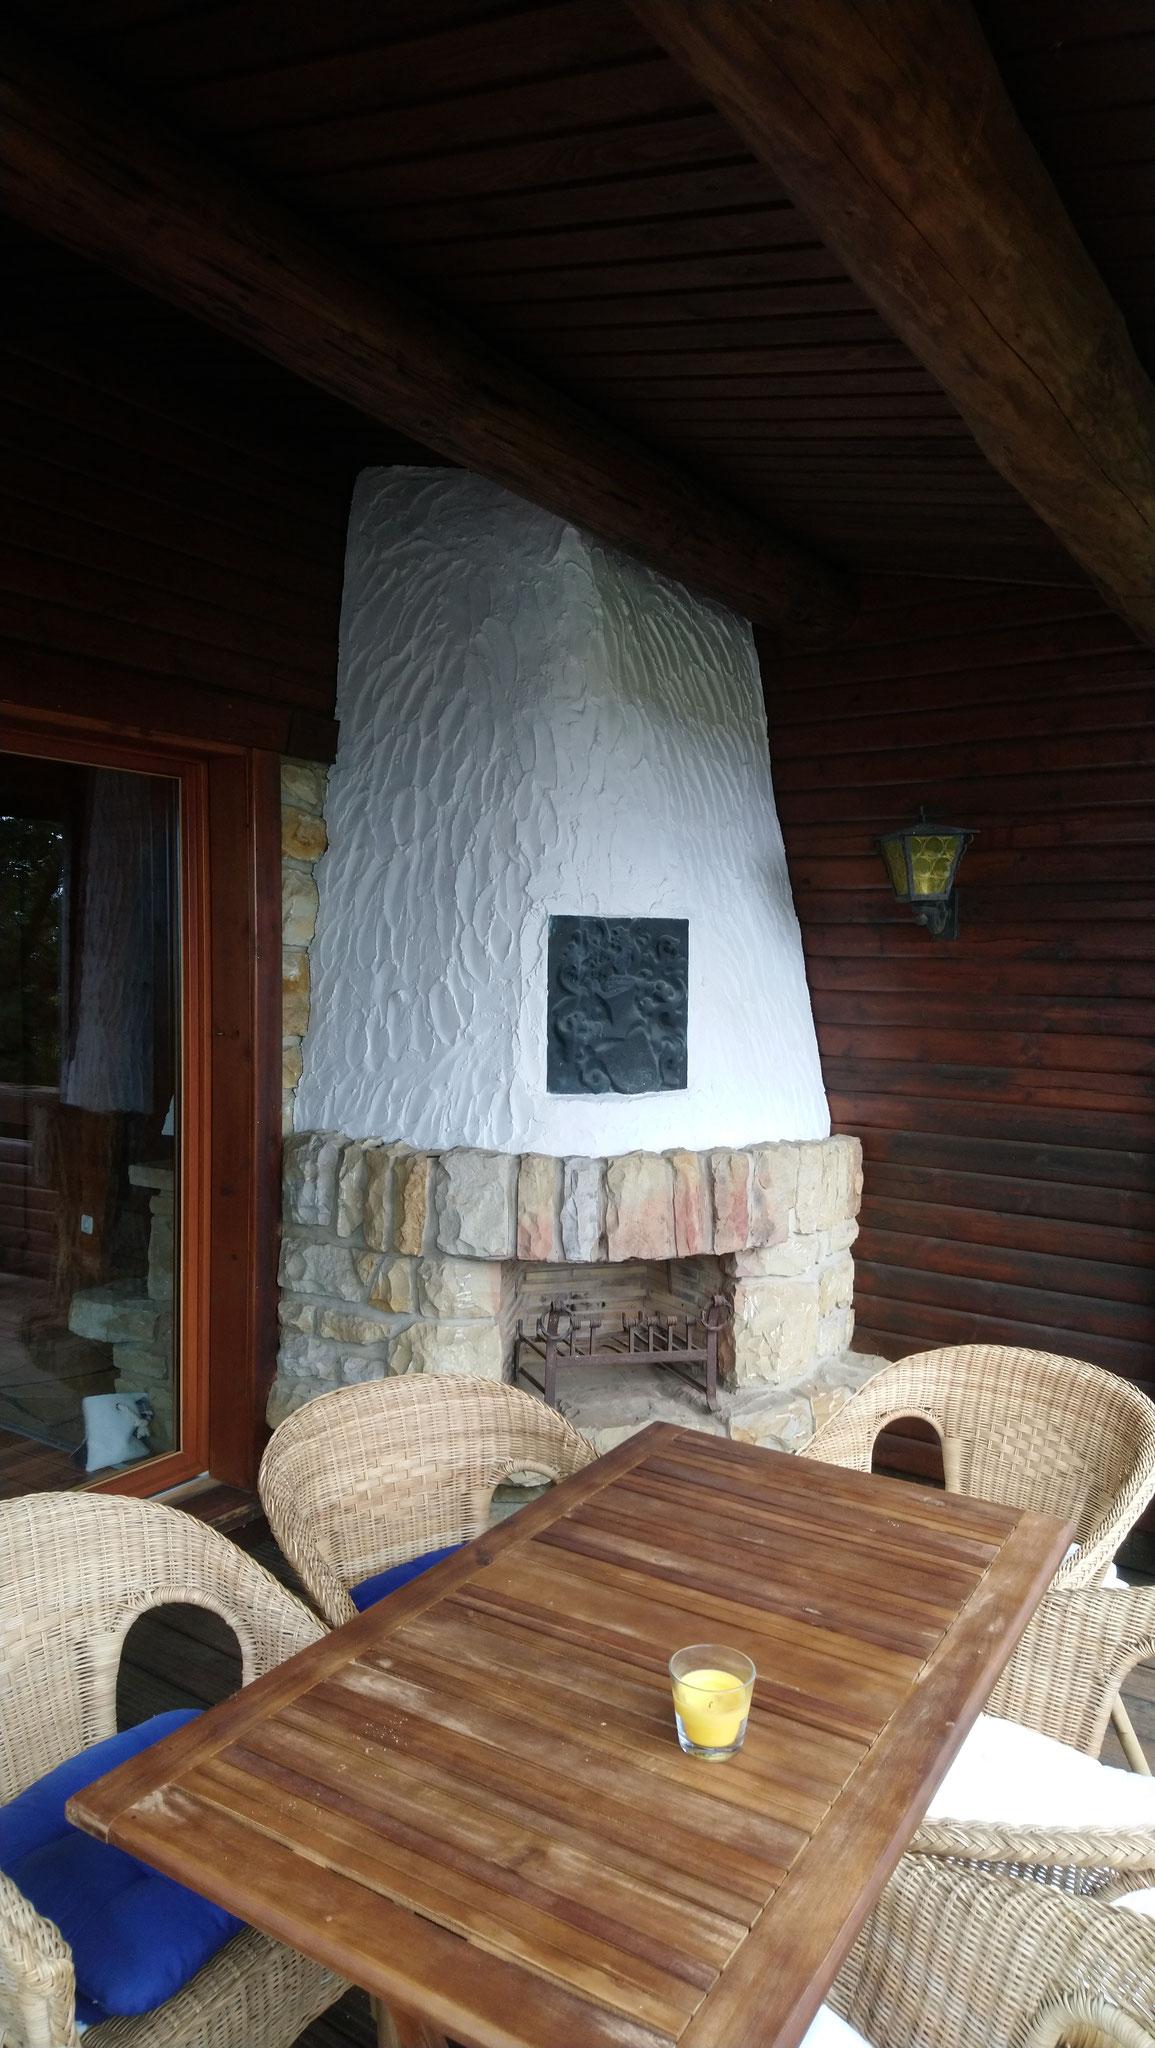 Der stillgelegte Kamin auf dem Balkon